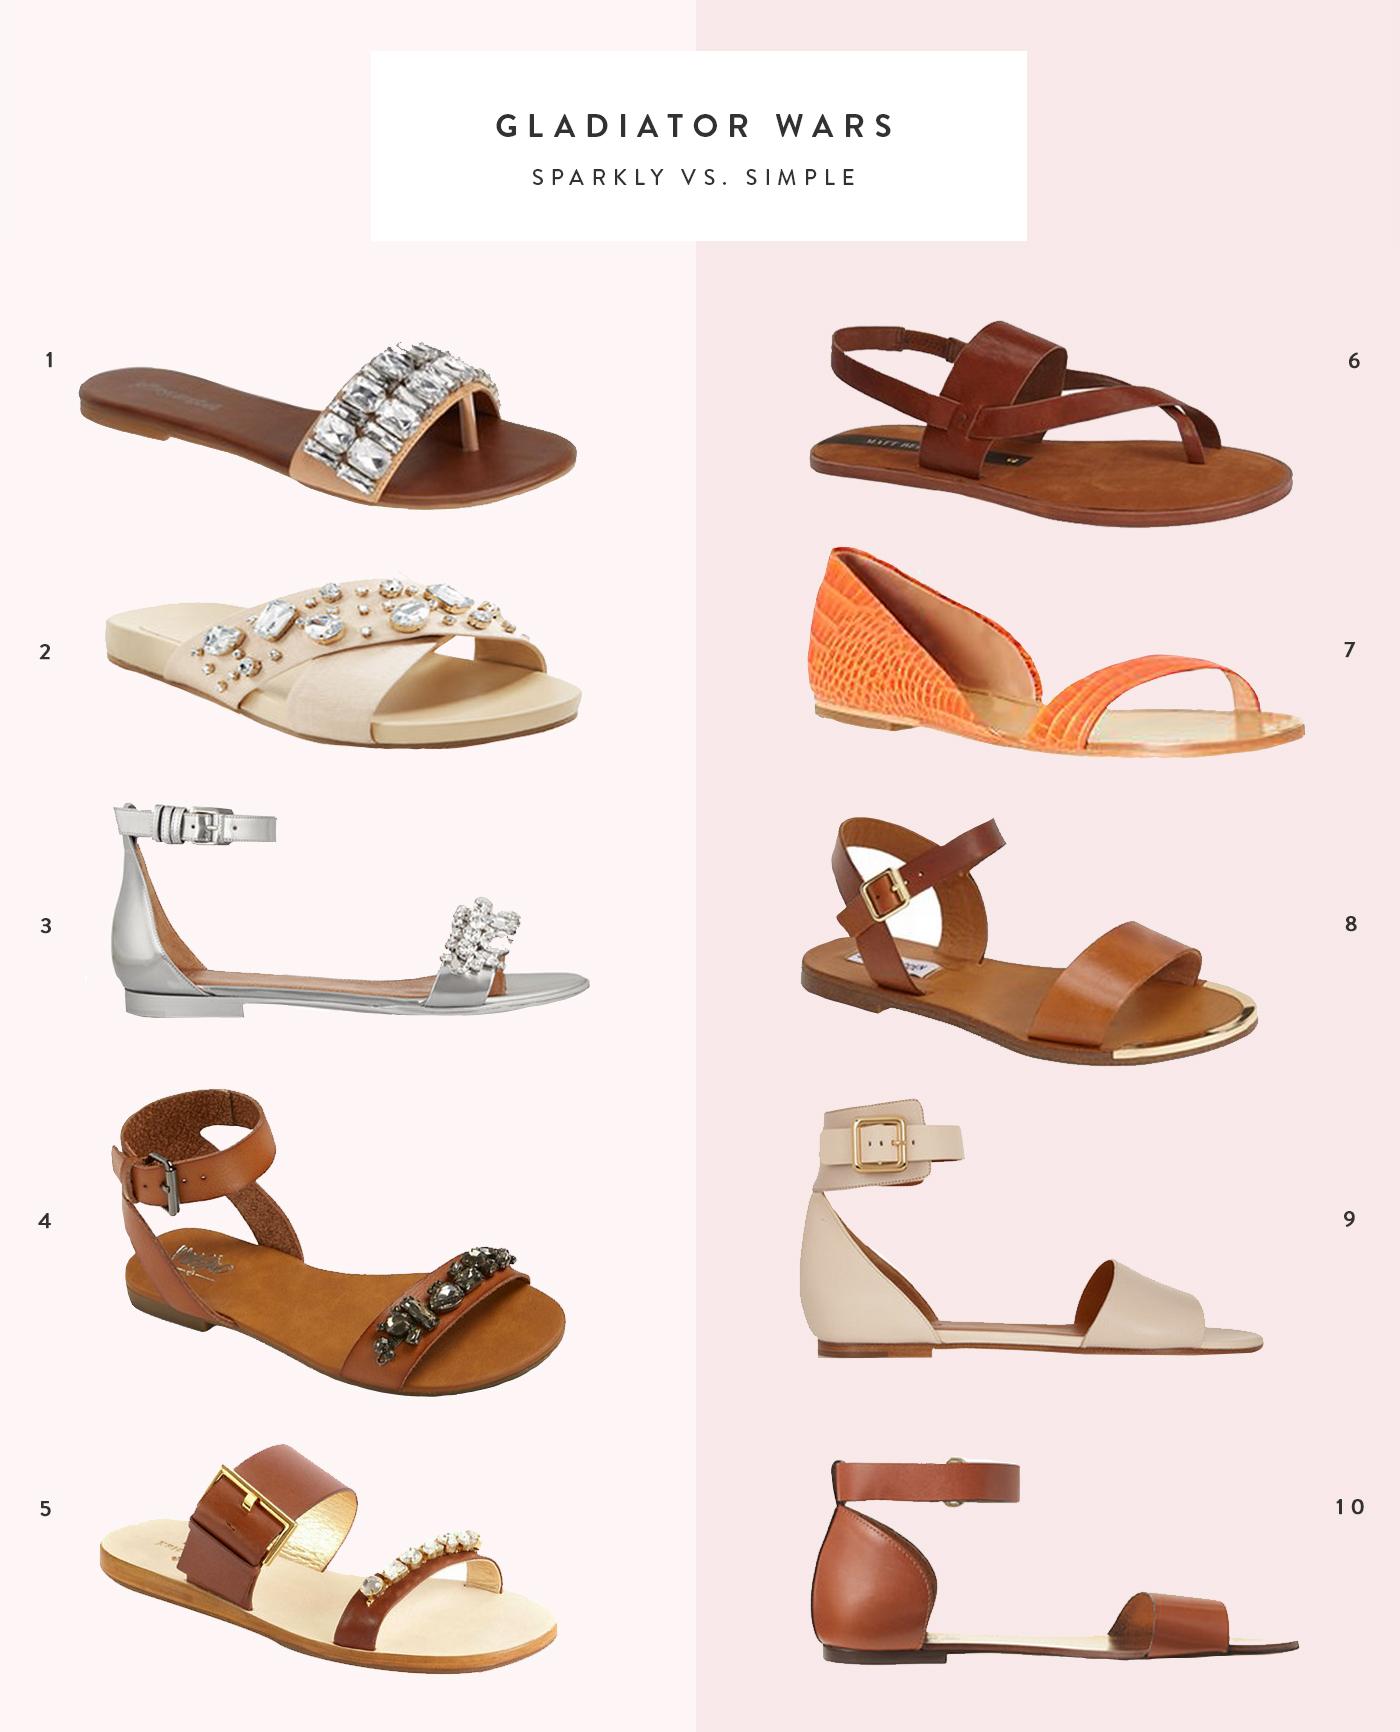 gladiator sandals aspiring kennedy fashion.jpg